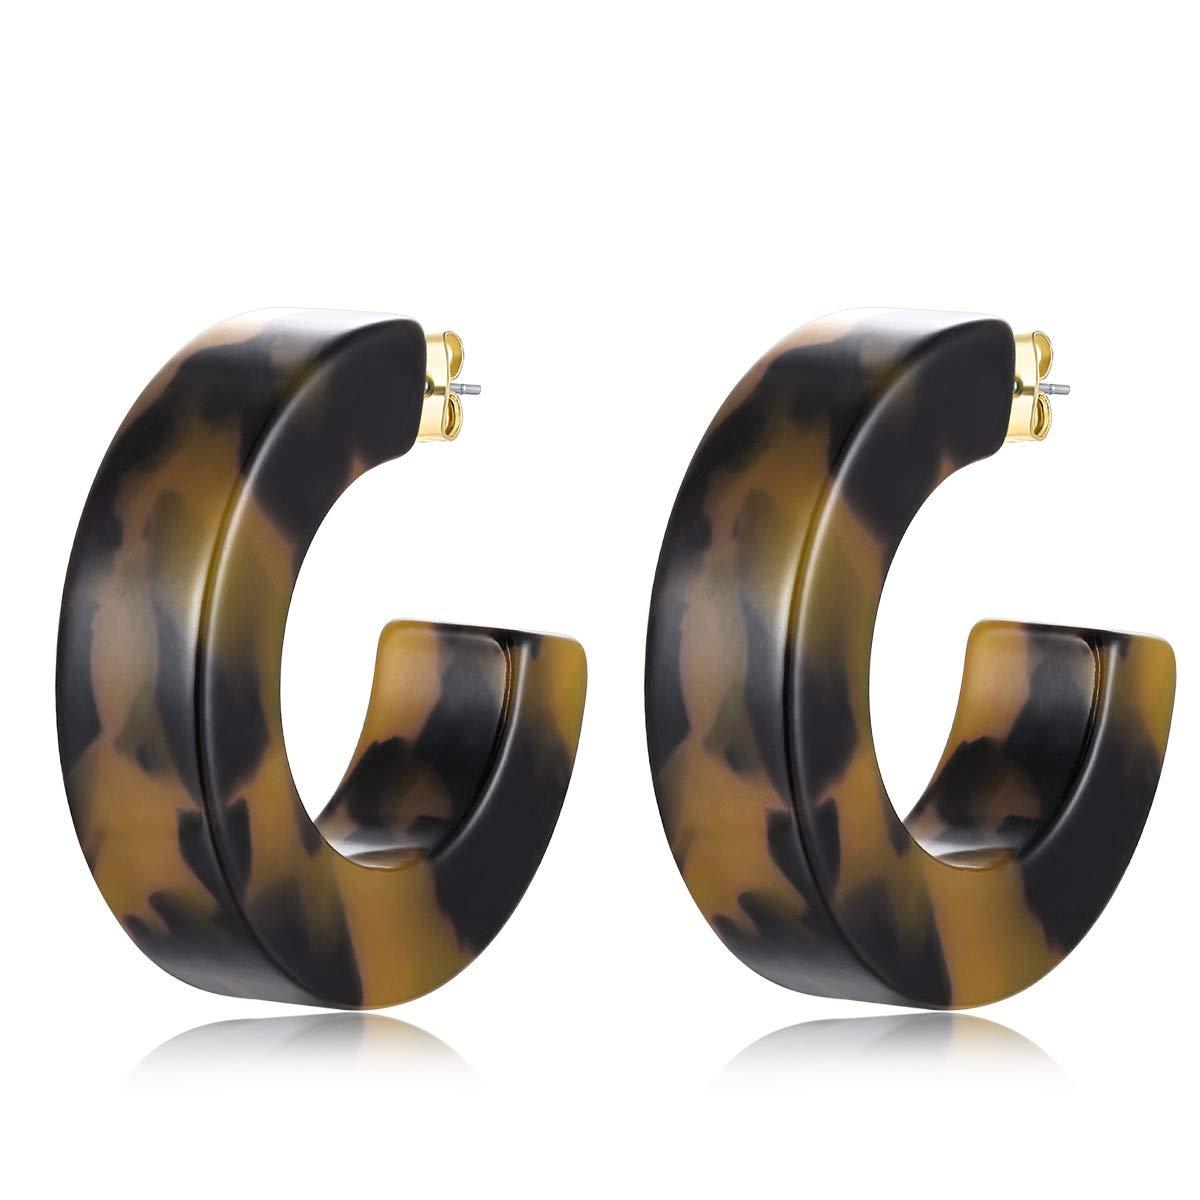 Acrylic Hoop Earrings,Tortoise Leopard Texture Resin Open Personlized Boho Statement Hoop Earrings For Women